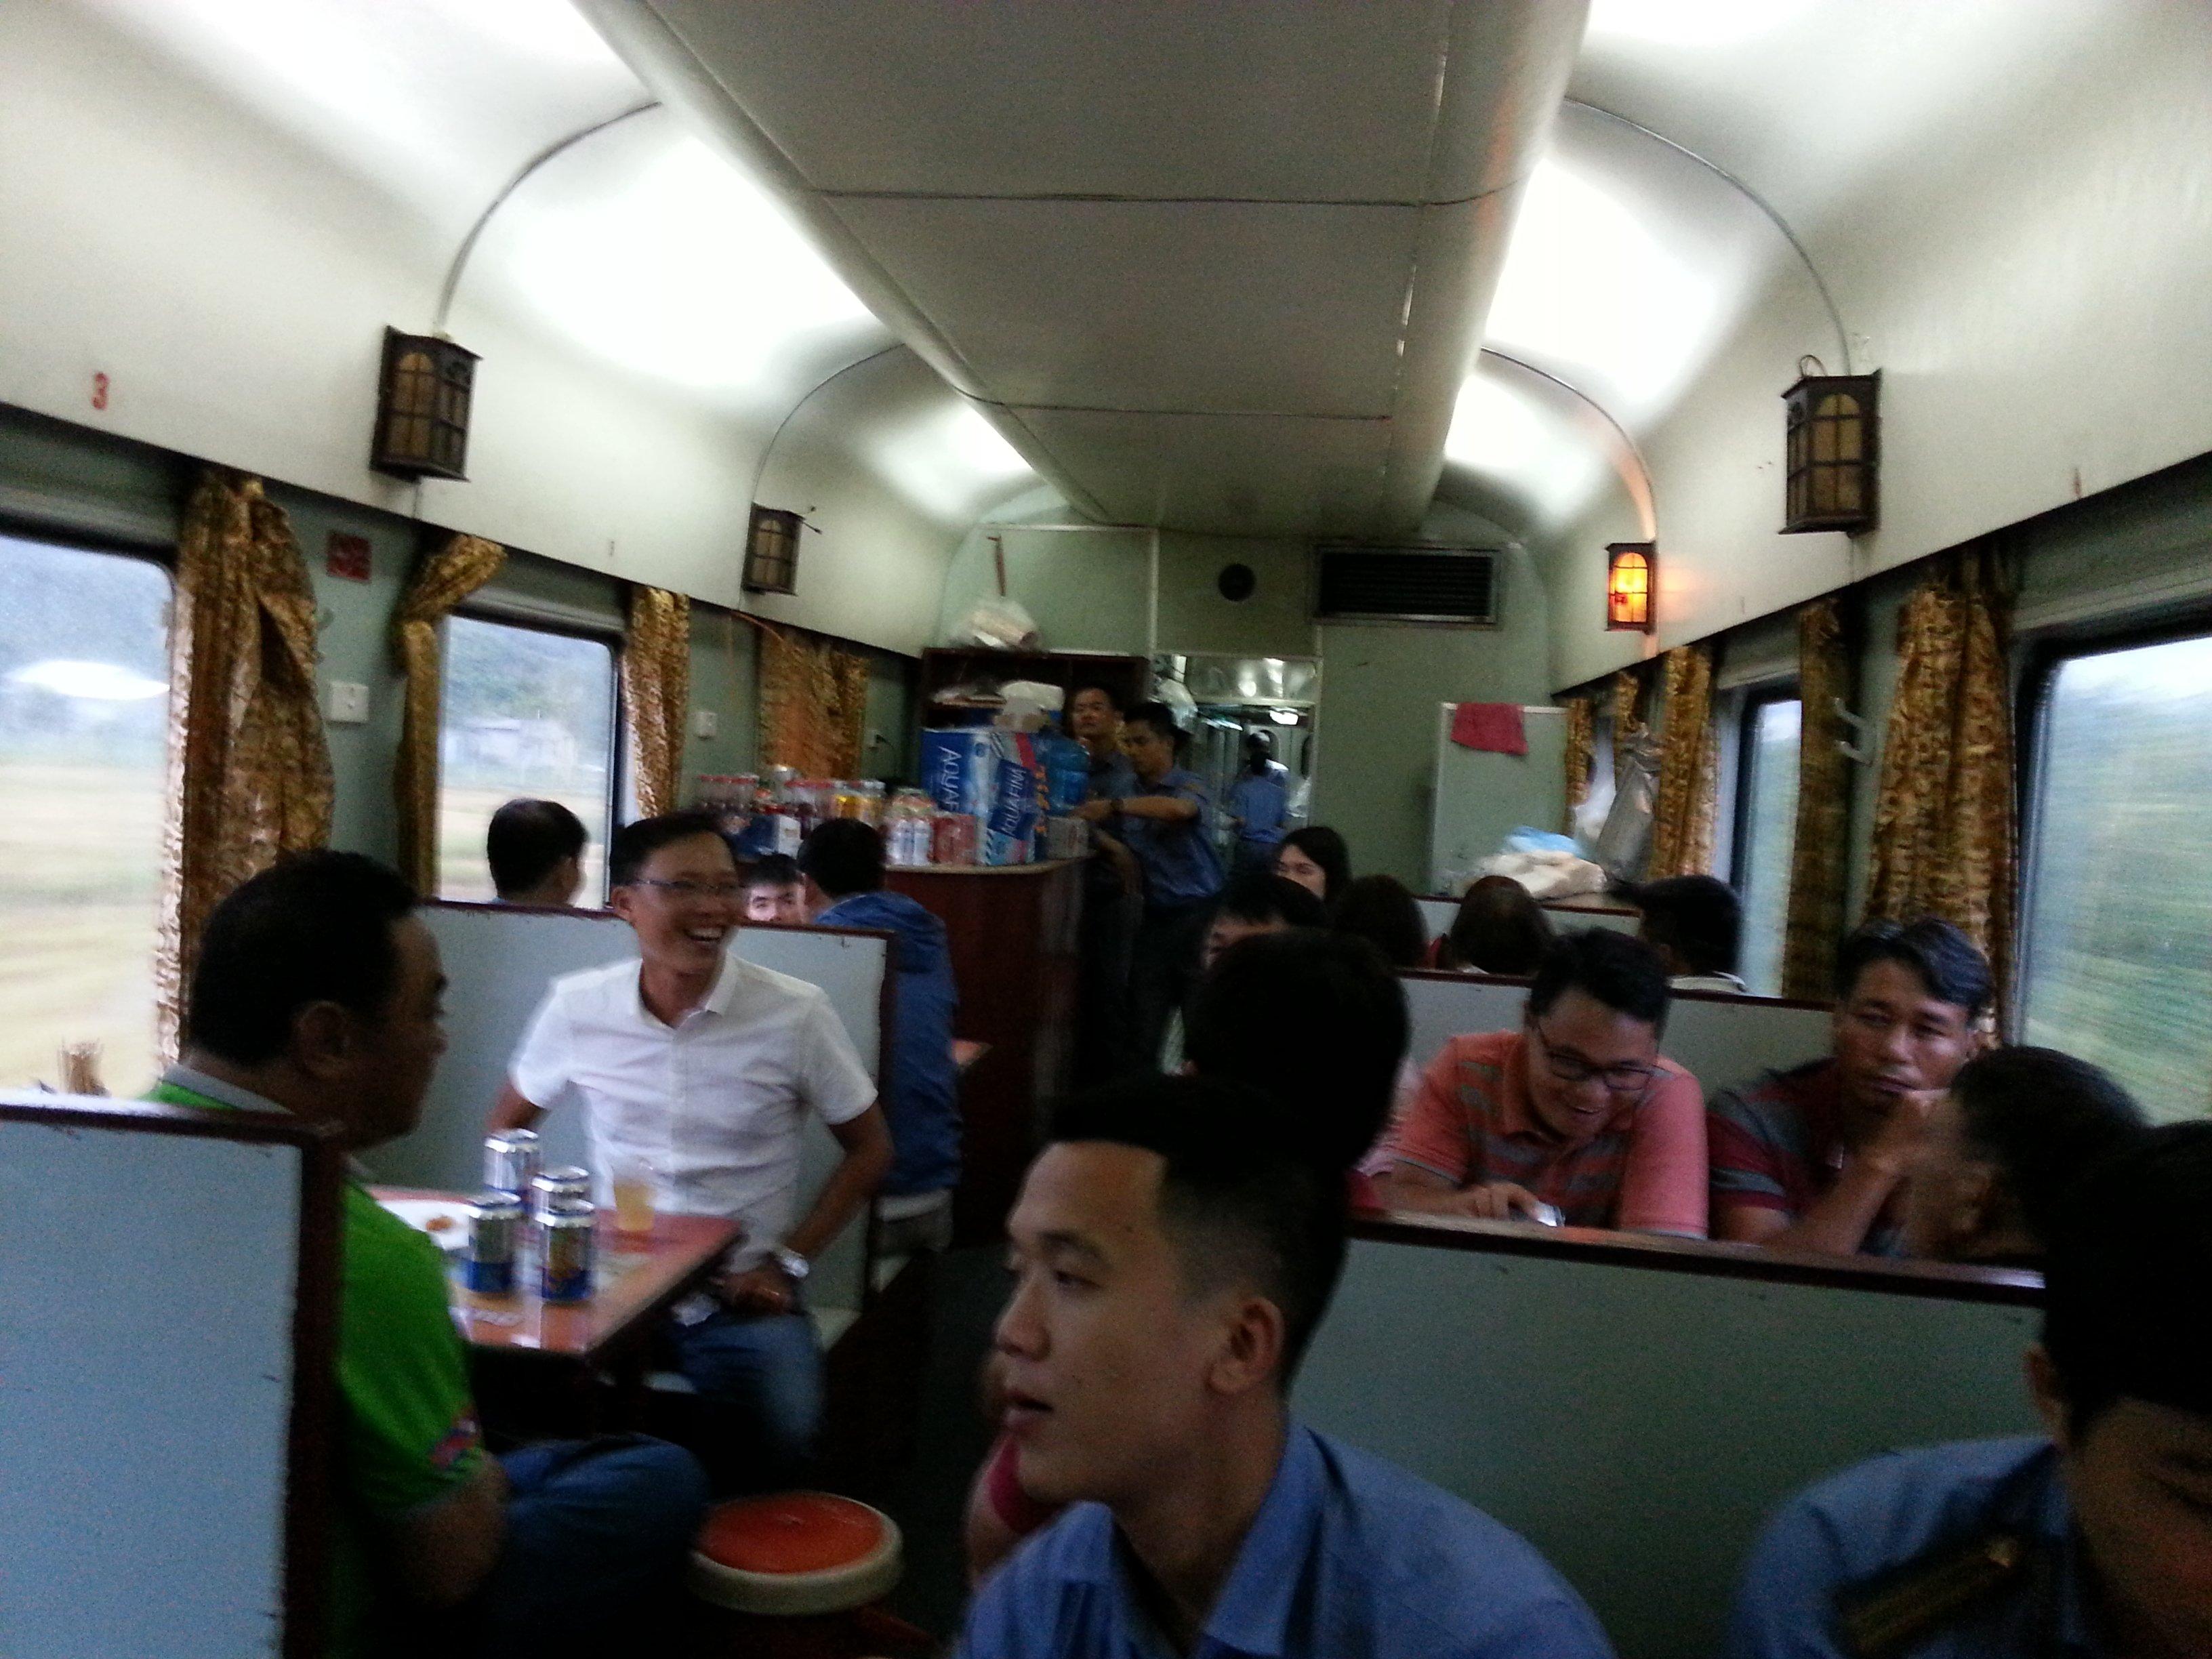 In Vietnam men drink beer on the train